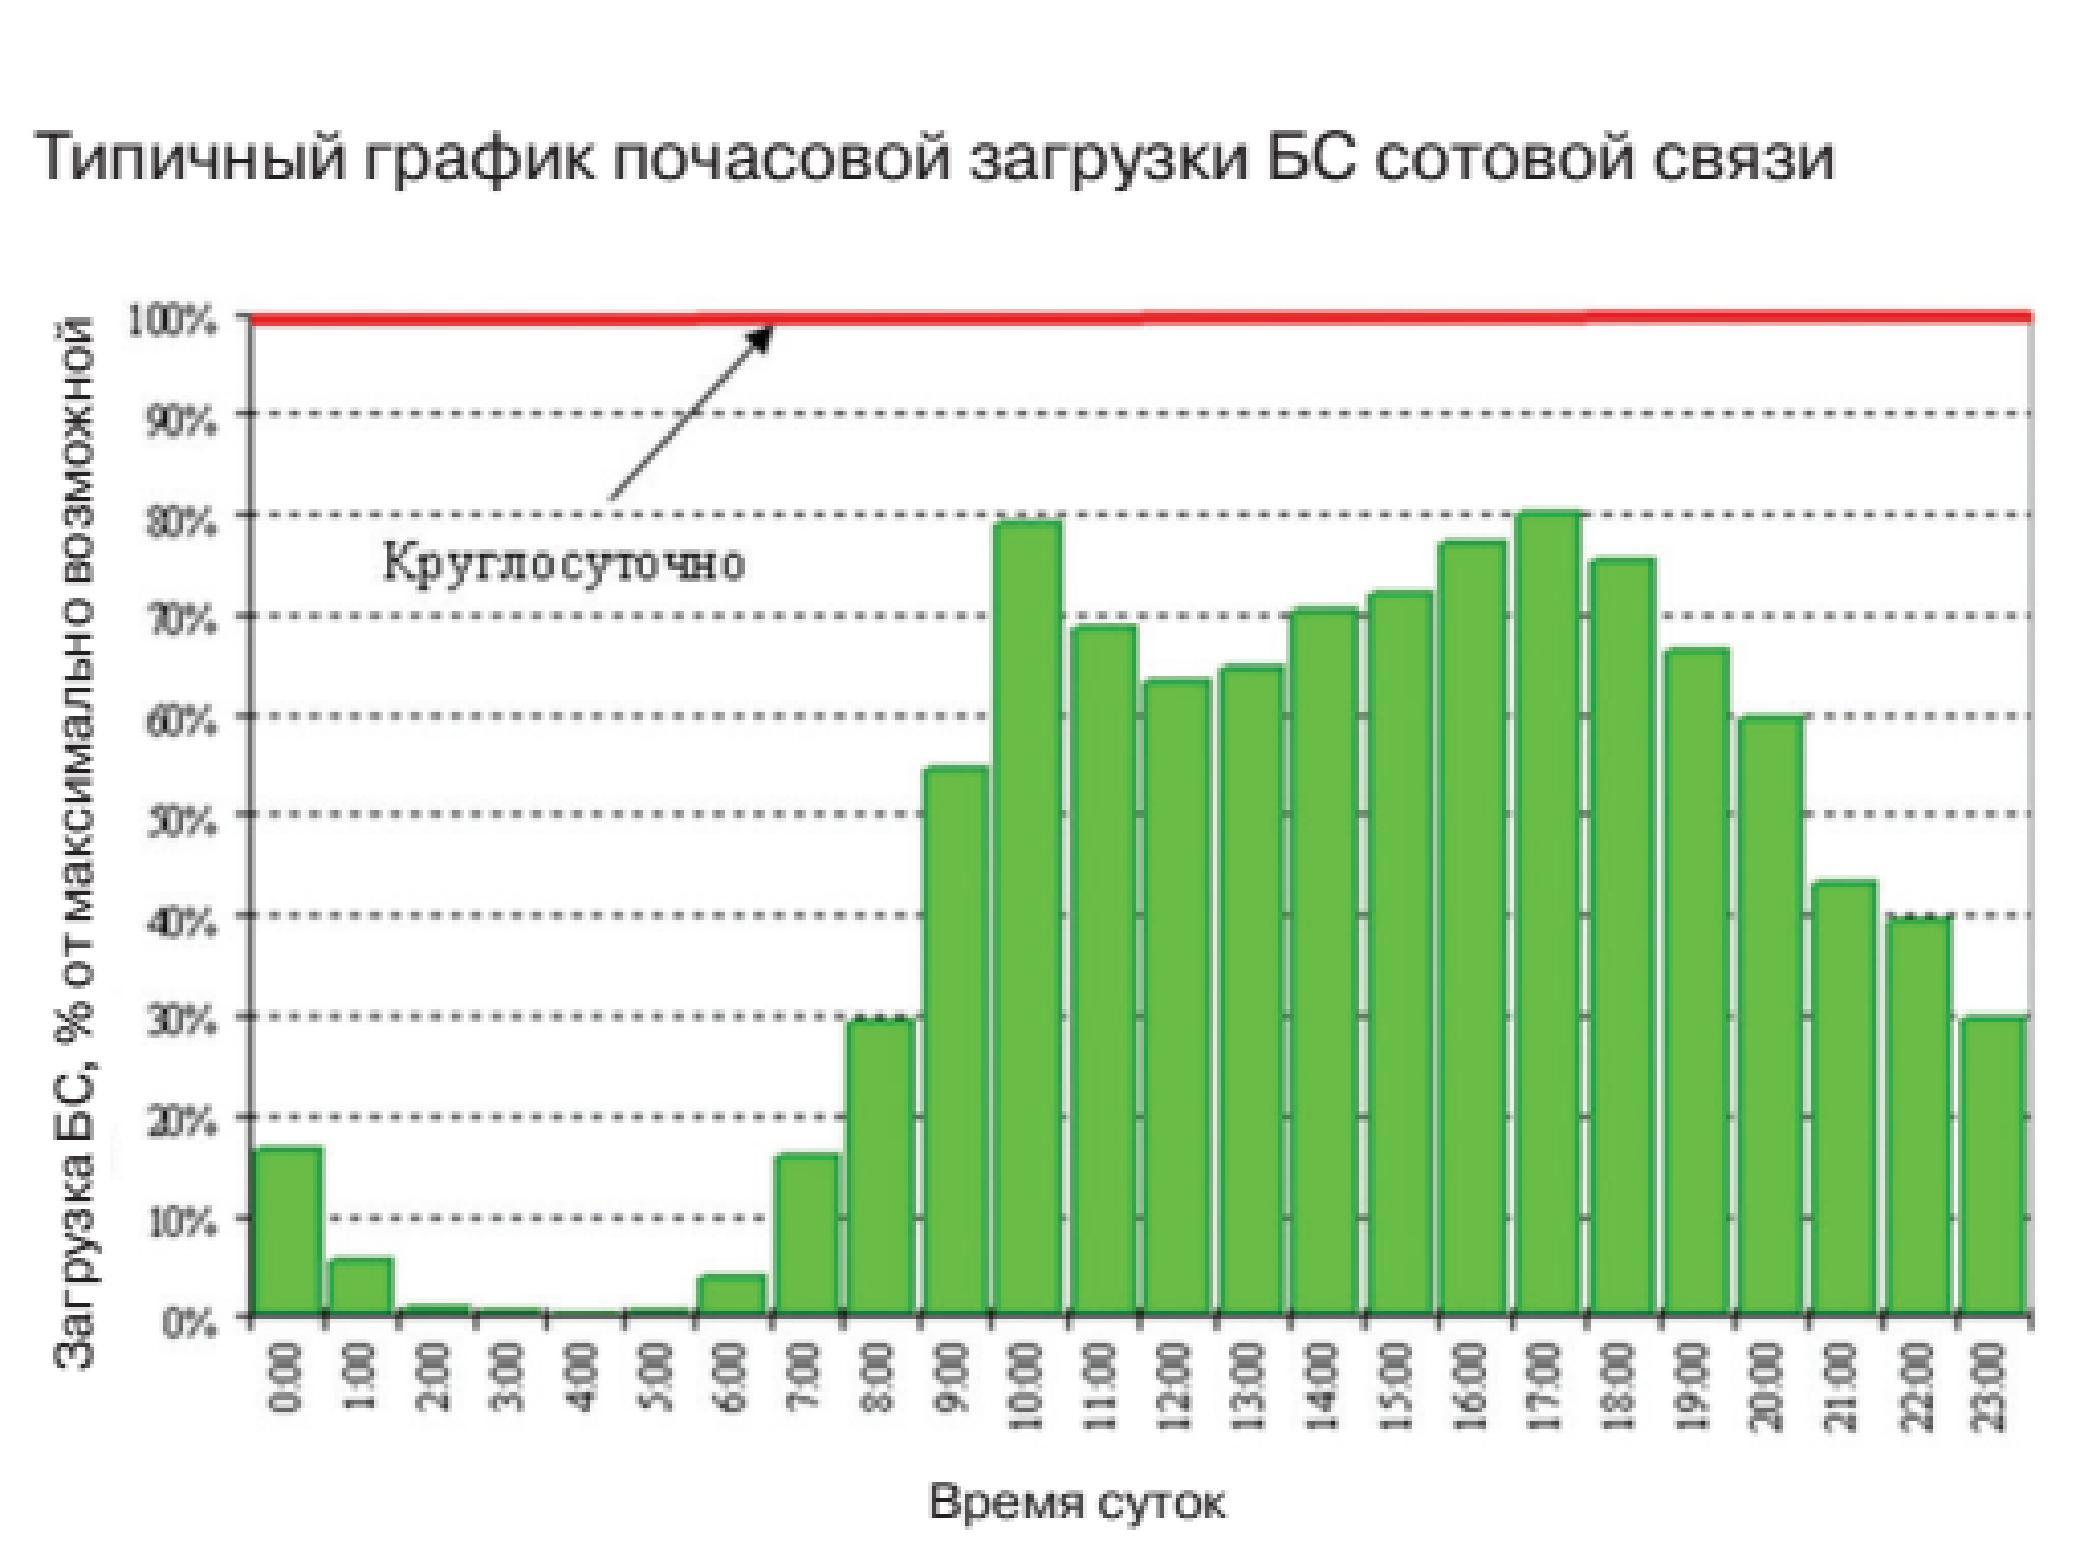 Сподобаев № 7-2017 Сайт.